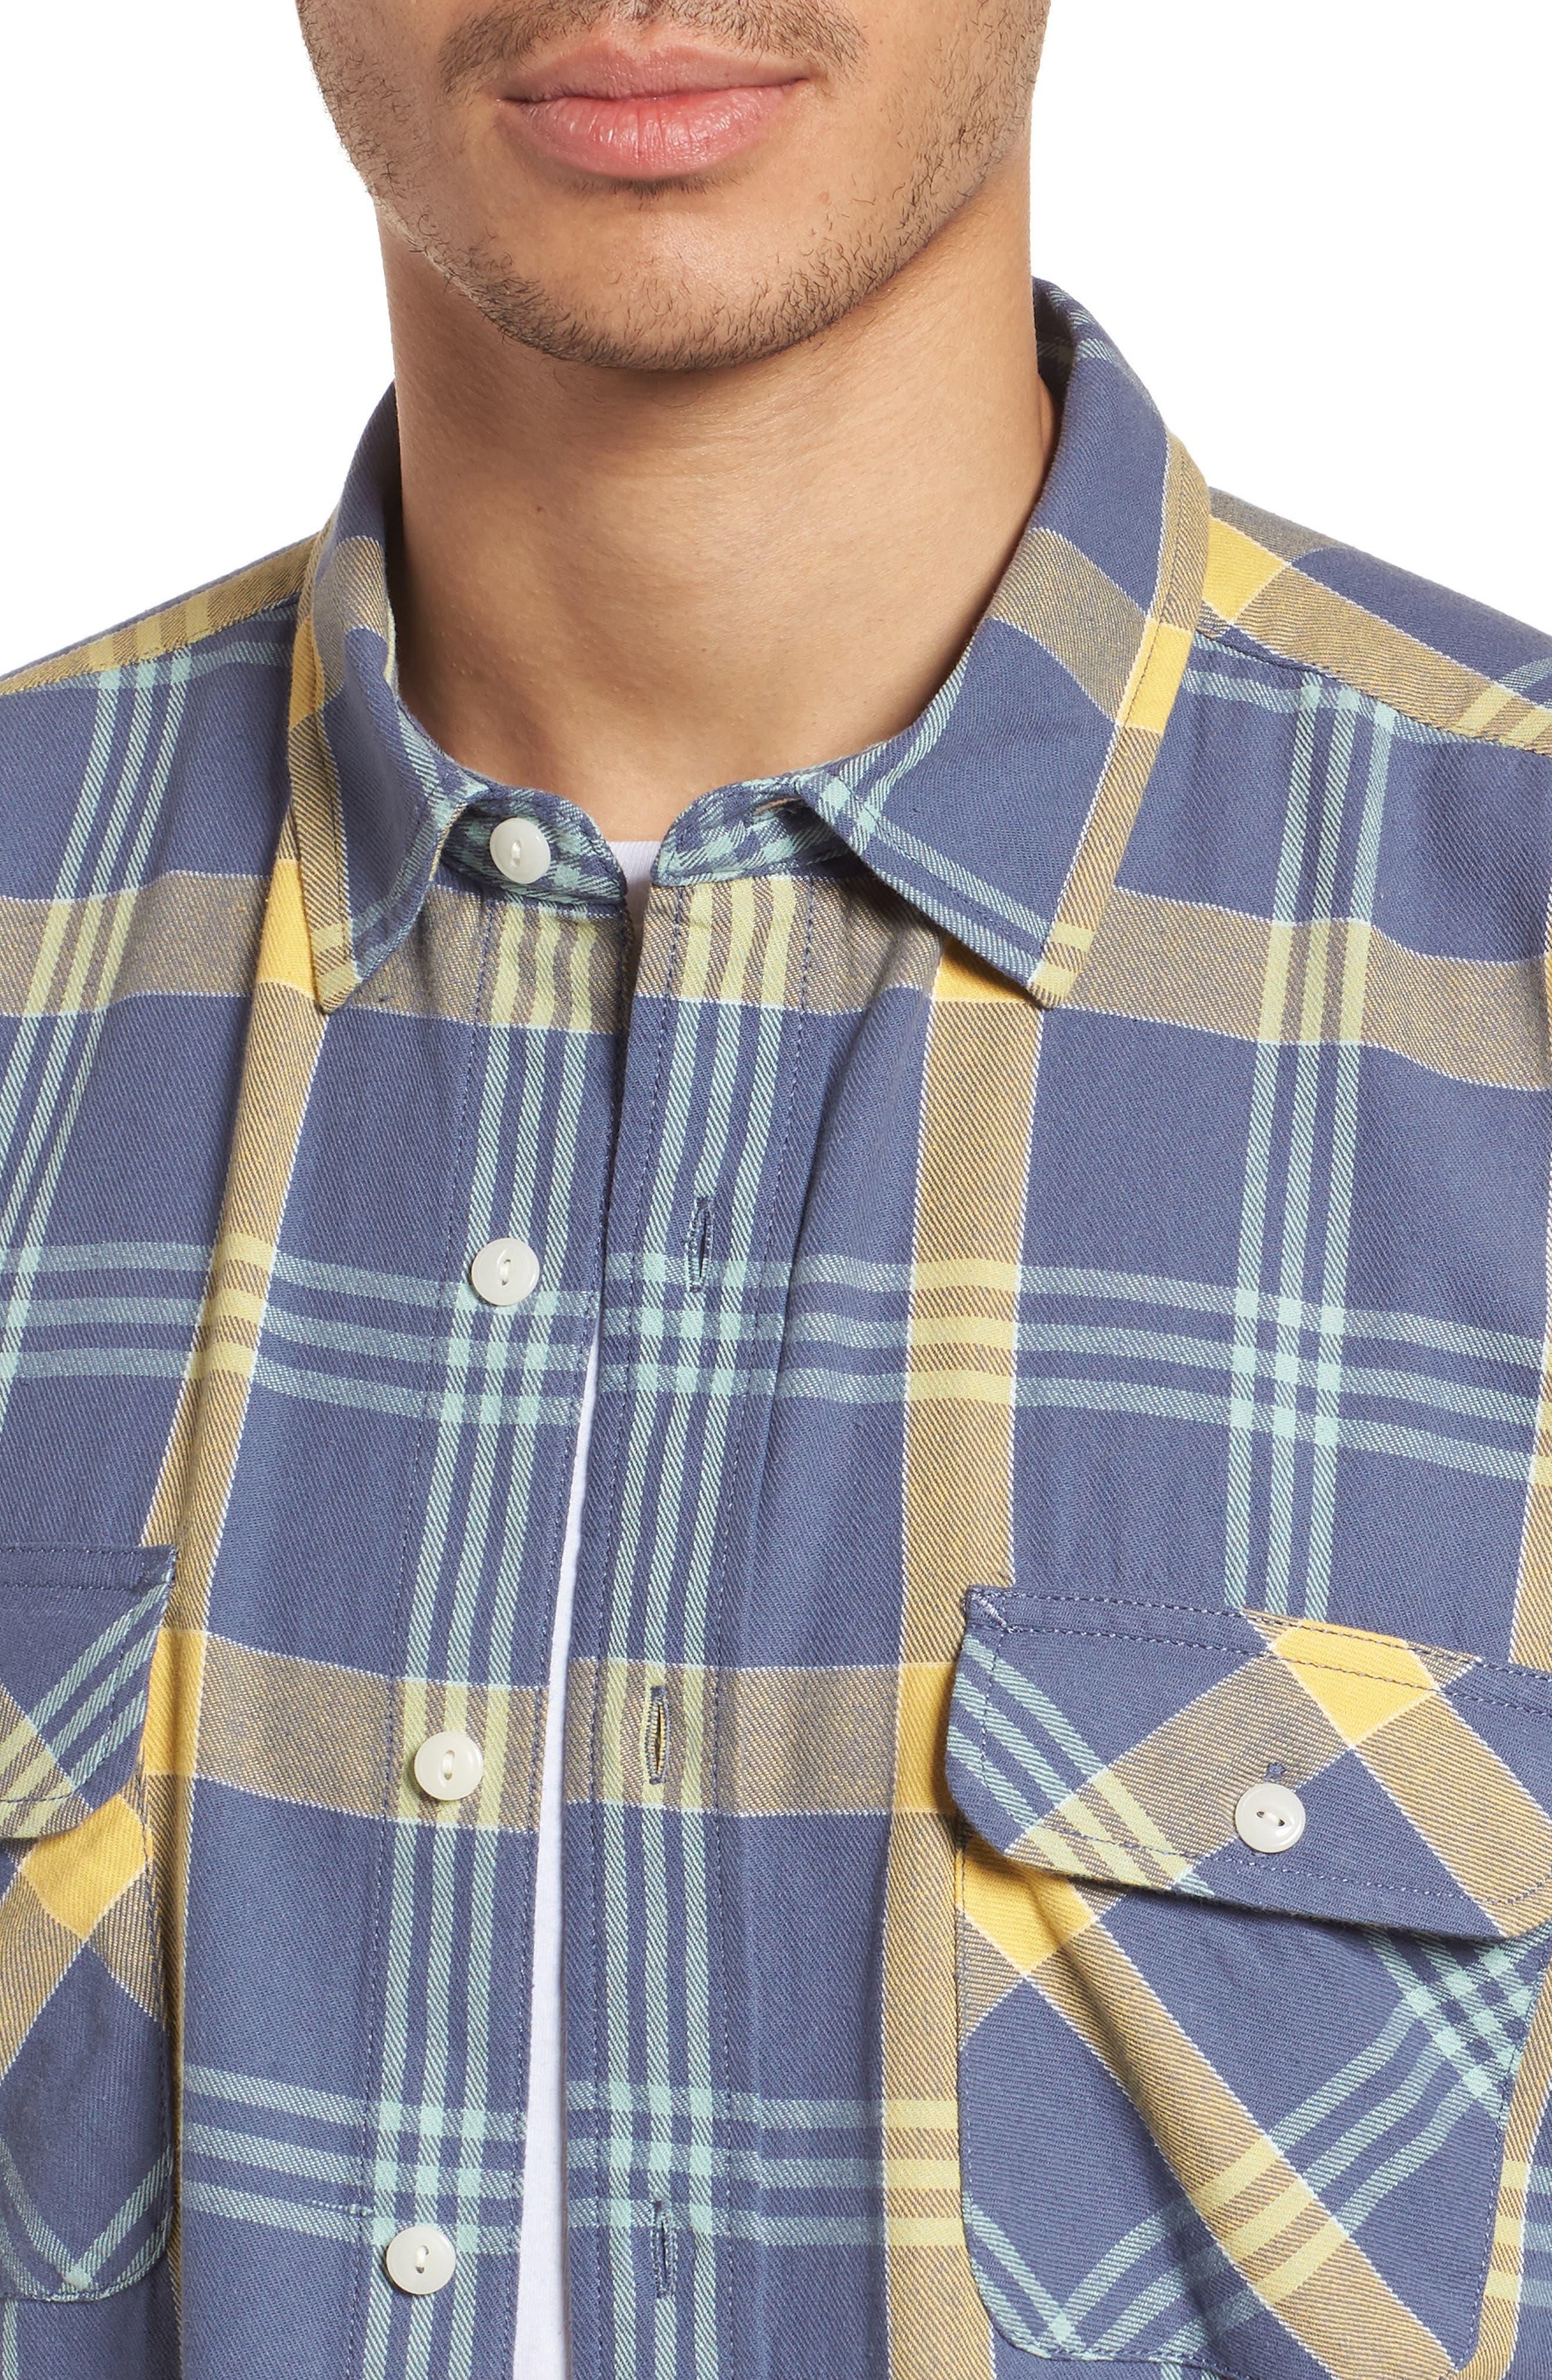 Beach Shack Twill Shirt,                             Alternate thumbnail 4, color,                             65310 Indigo/Orche Plaid